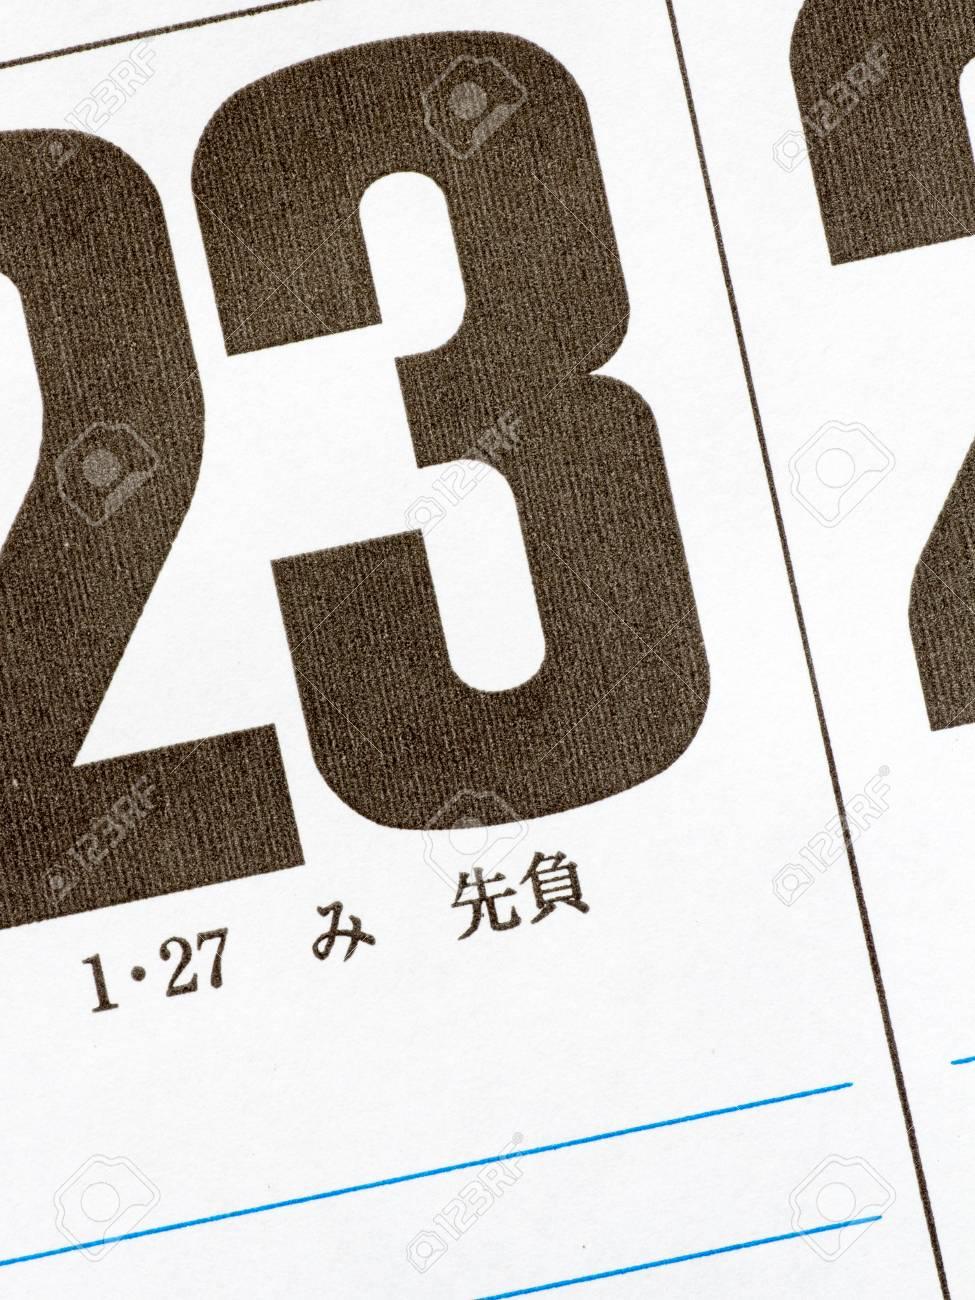 Calendario Japones.Calendario Lunar Japones Llamado Rokuyo Dia De Senpu En El Calendario Occidental